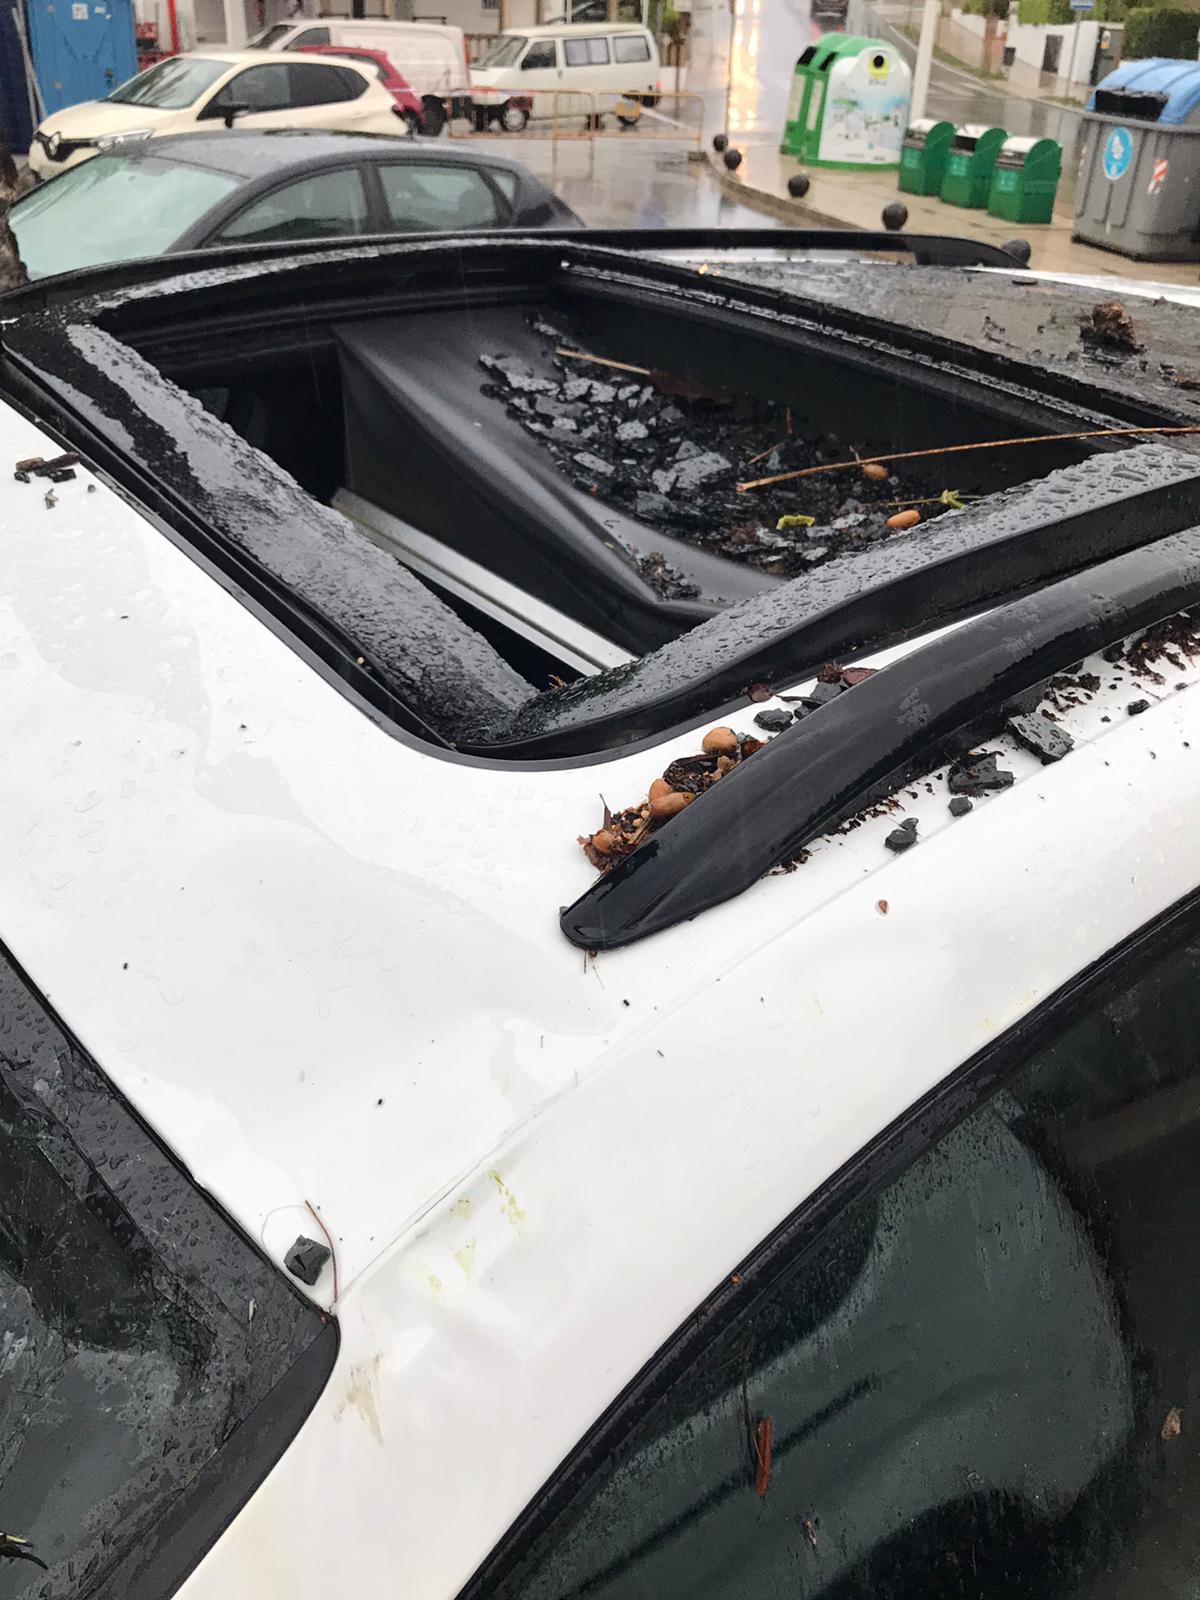 Daños ocasionados al vehículo